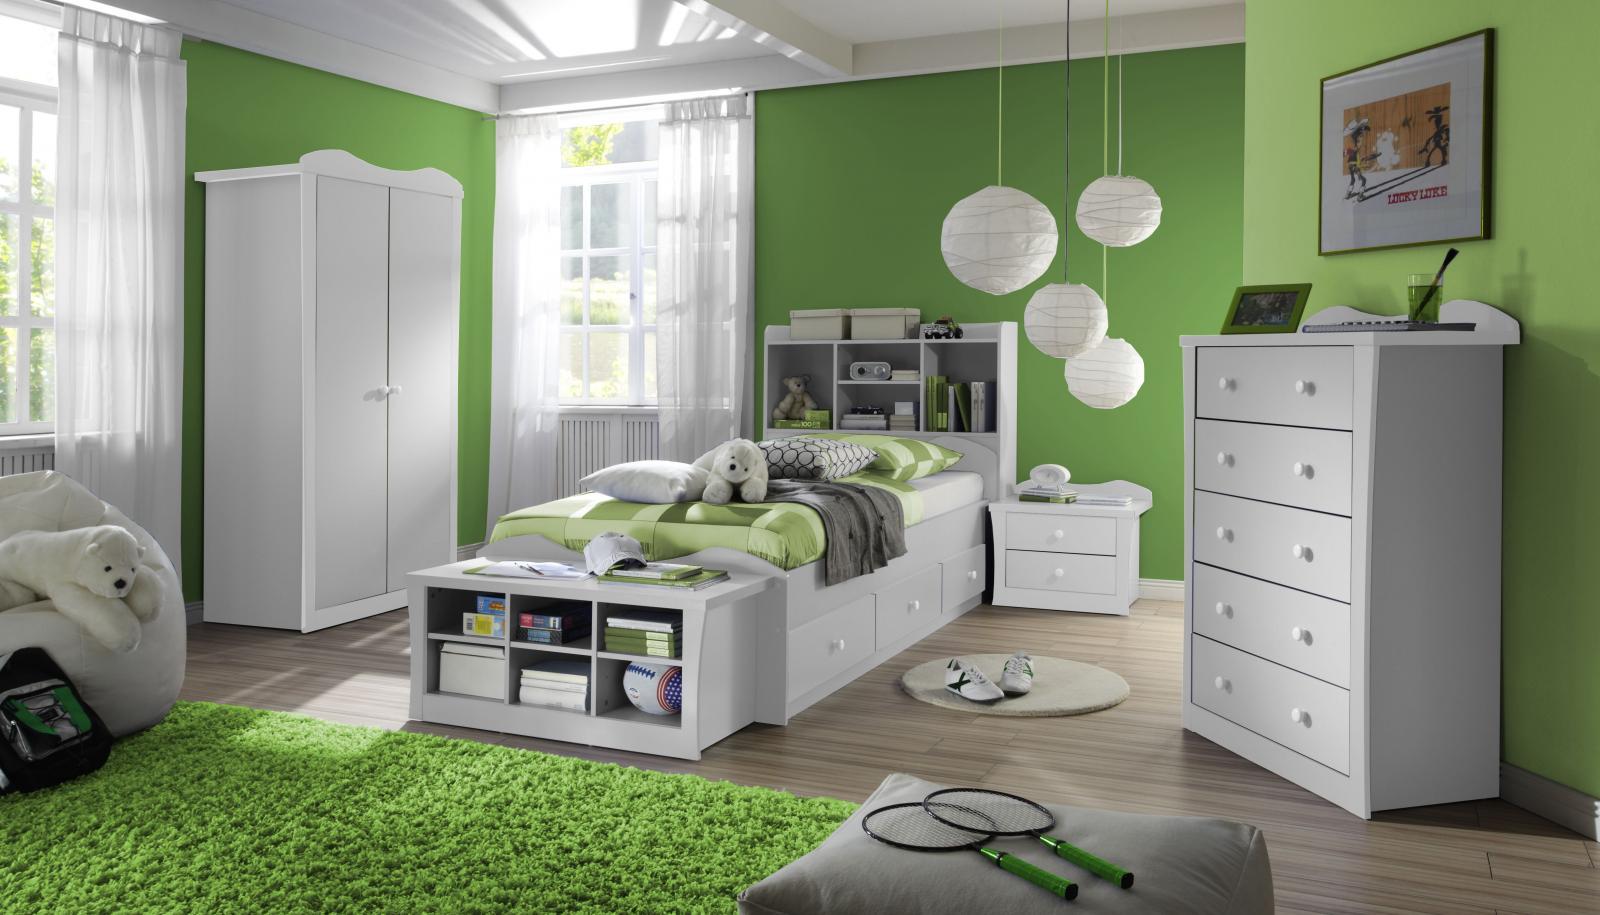 Dormitorio para ni os color verde dormitorios colores y - Color habitacion nino ...